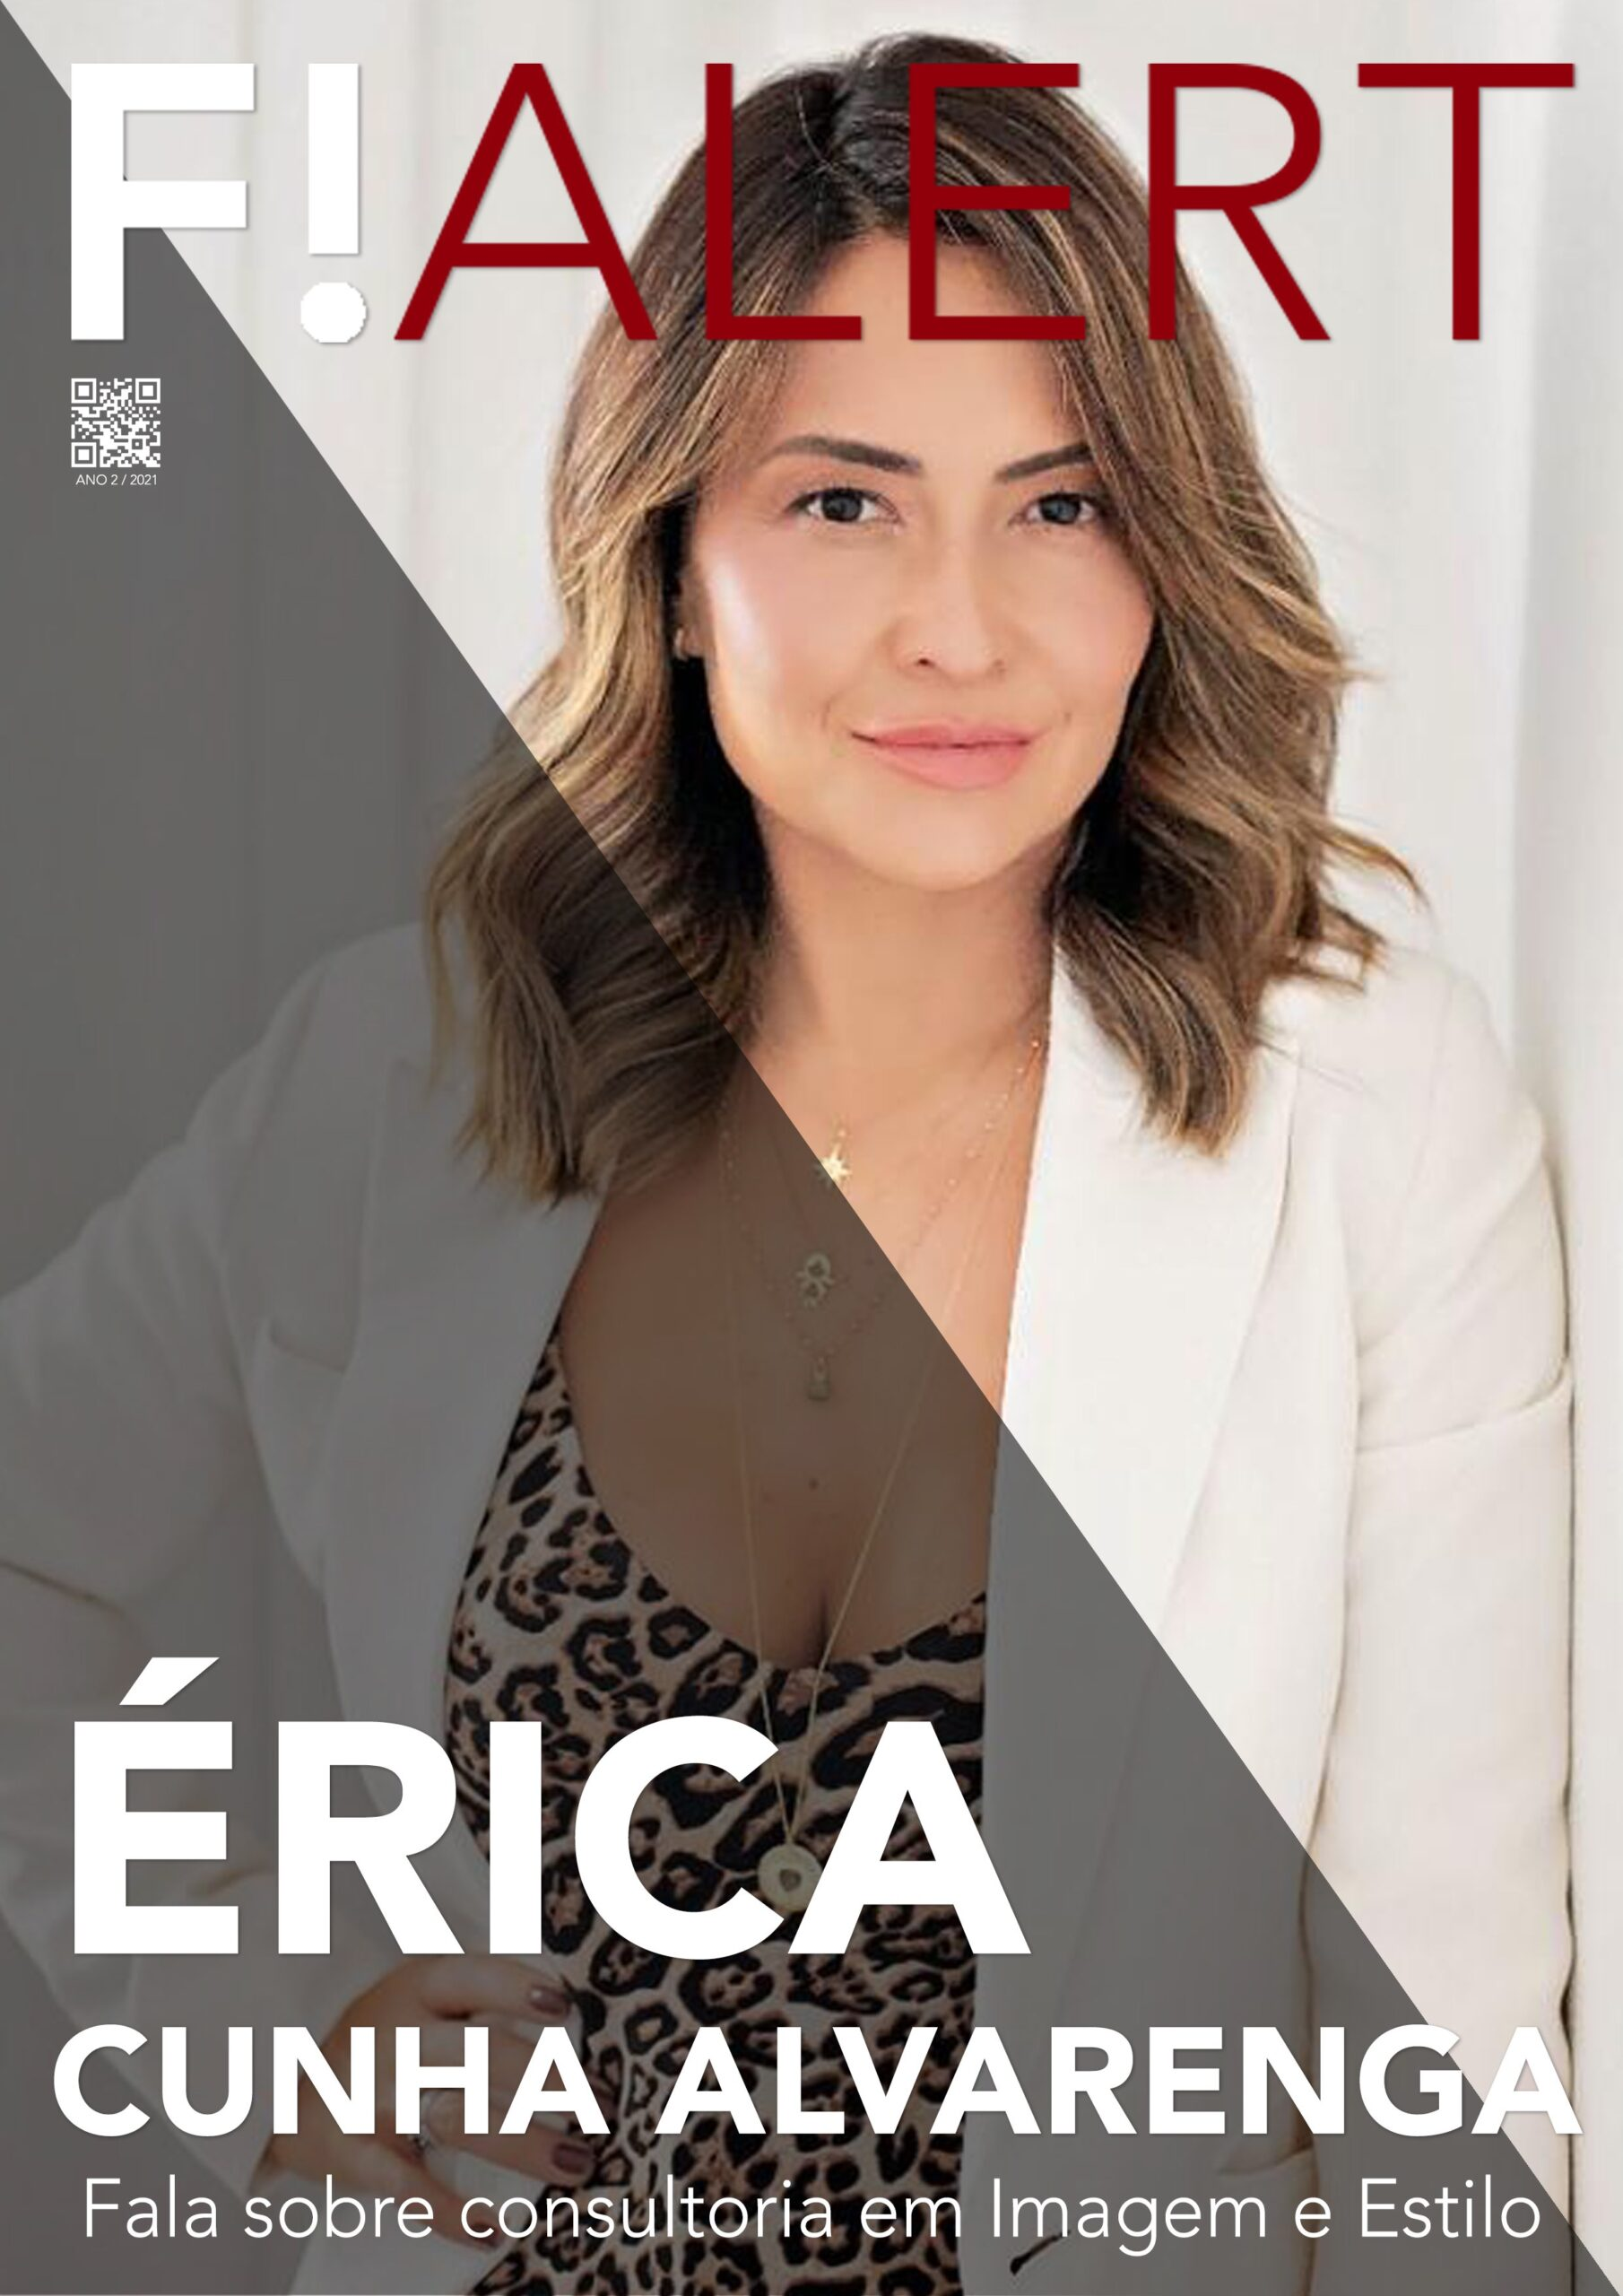 Erica Alvarenga